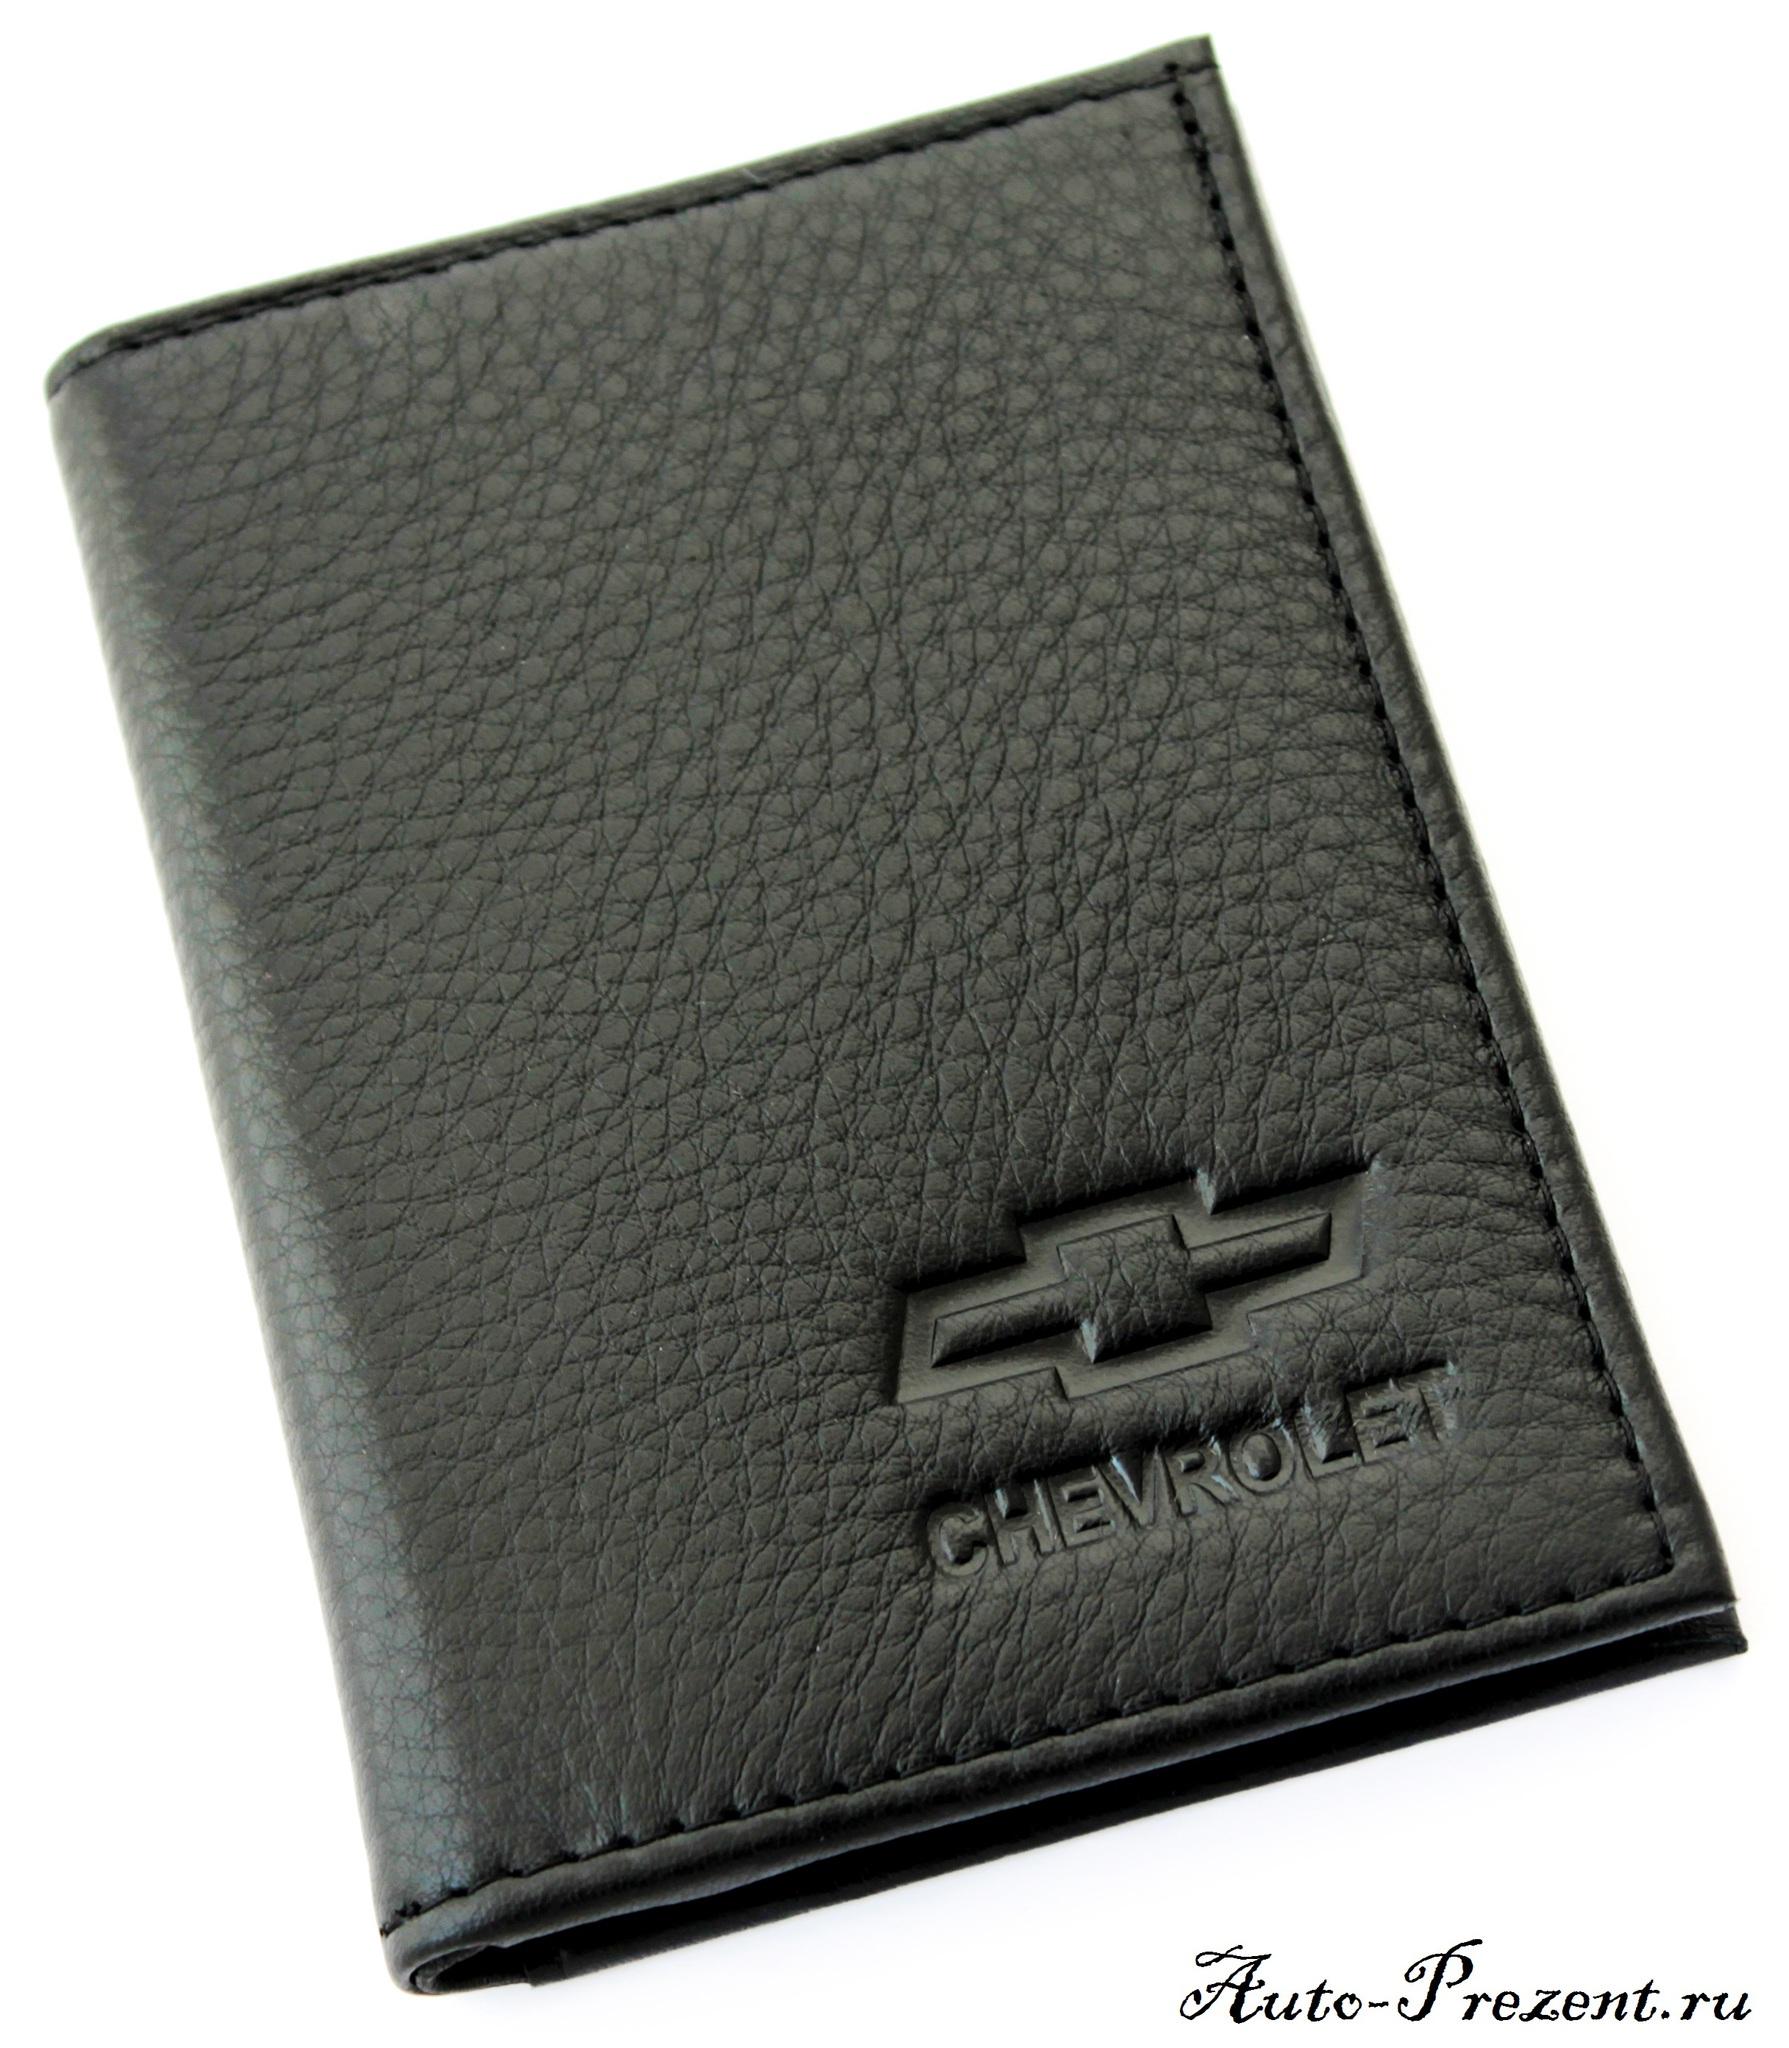 Портмоне для автодокументов из натуральной кожи с логотипом CHEVROLET